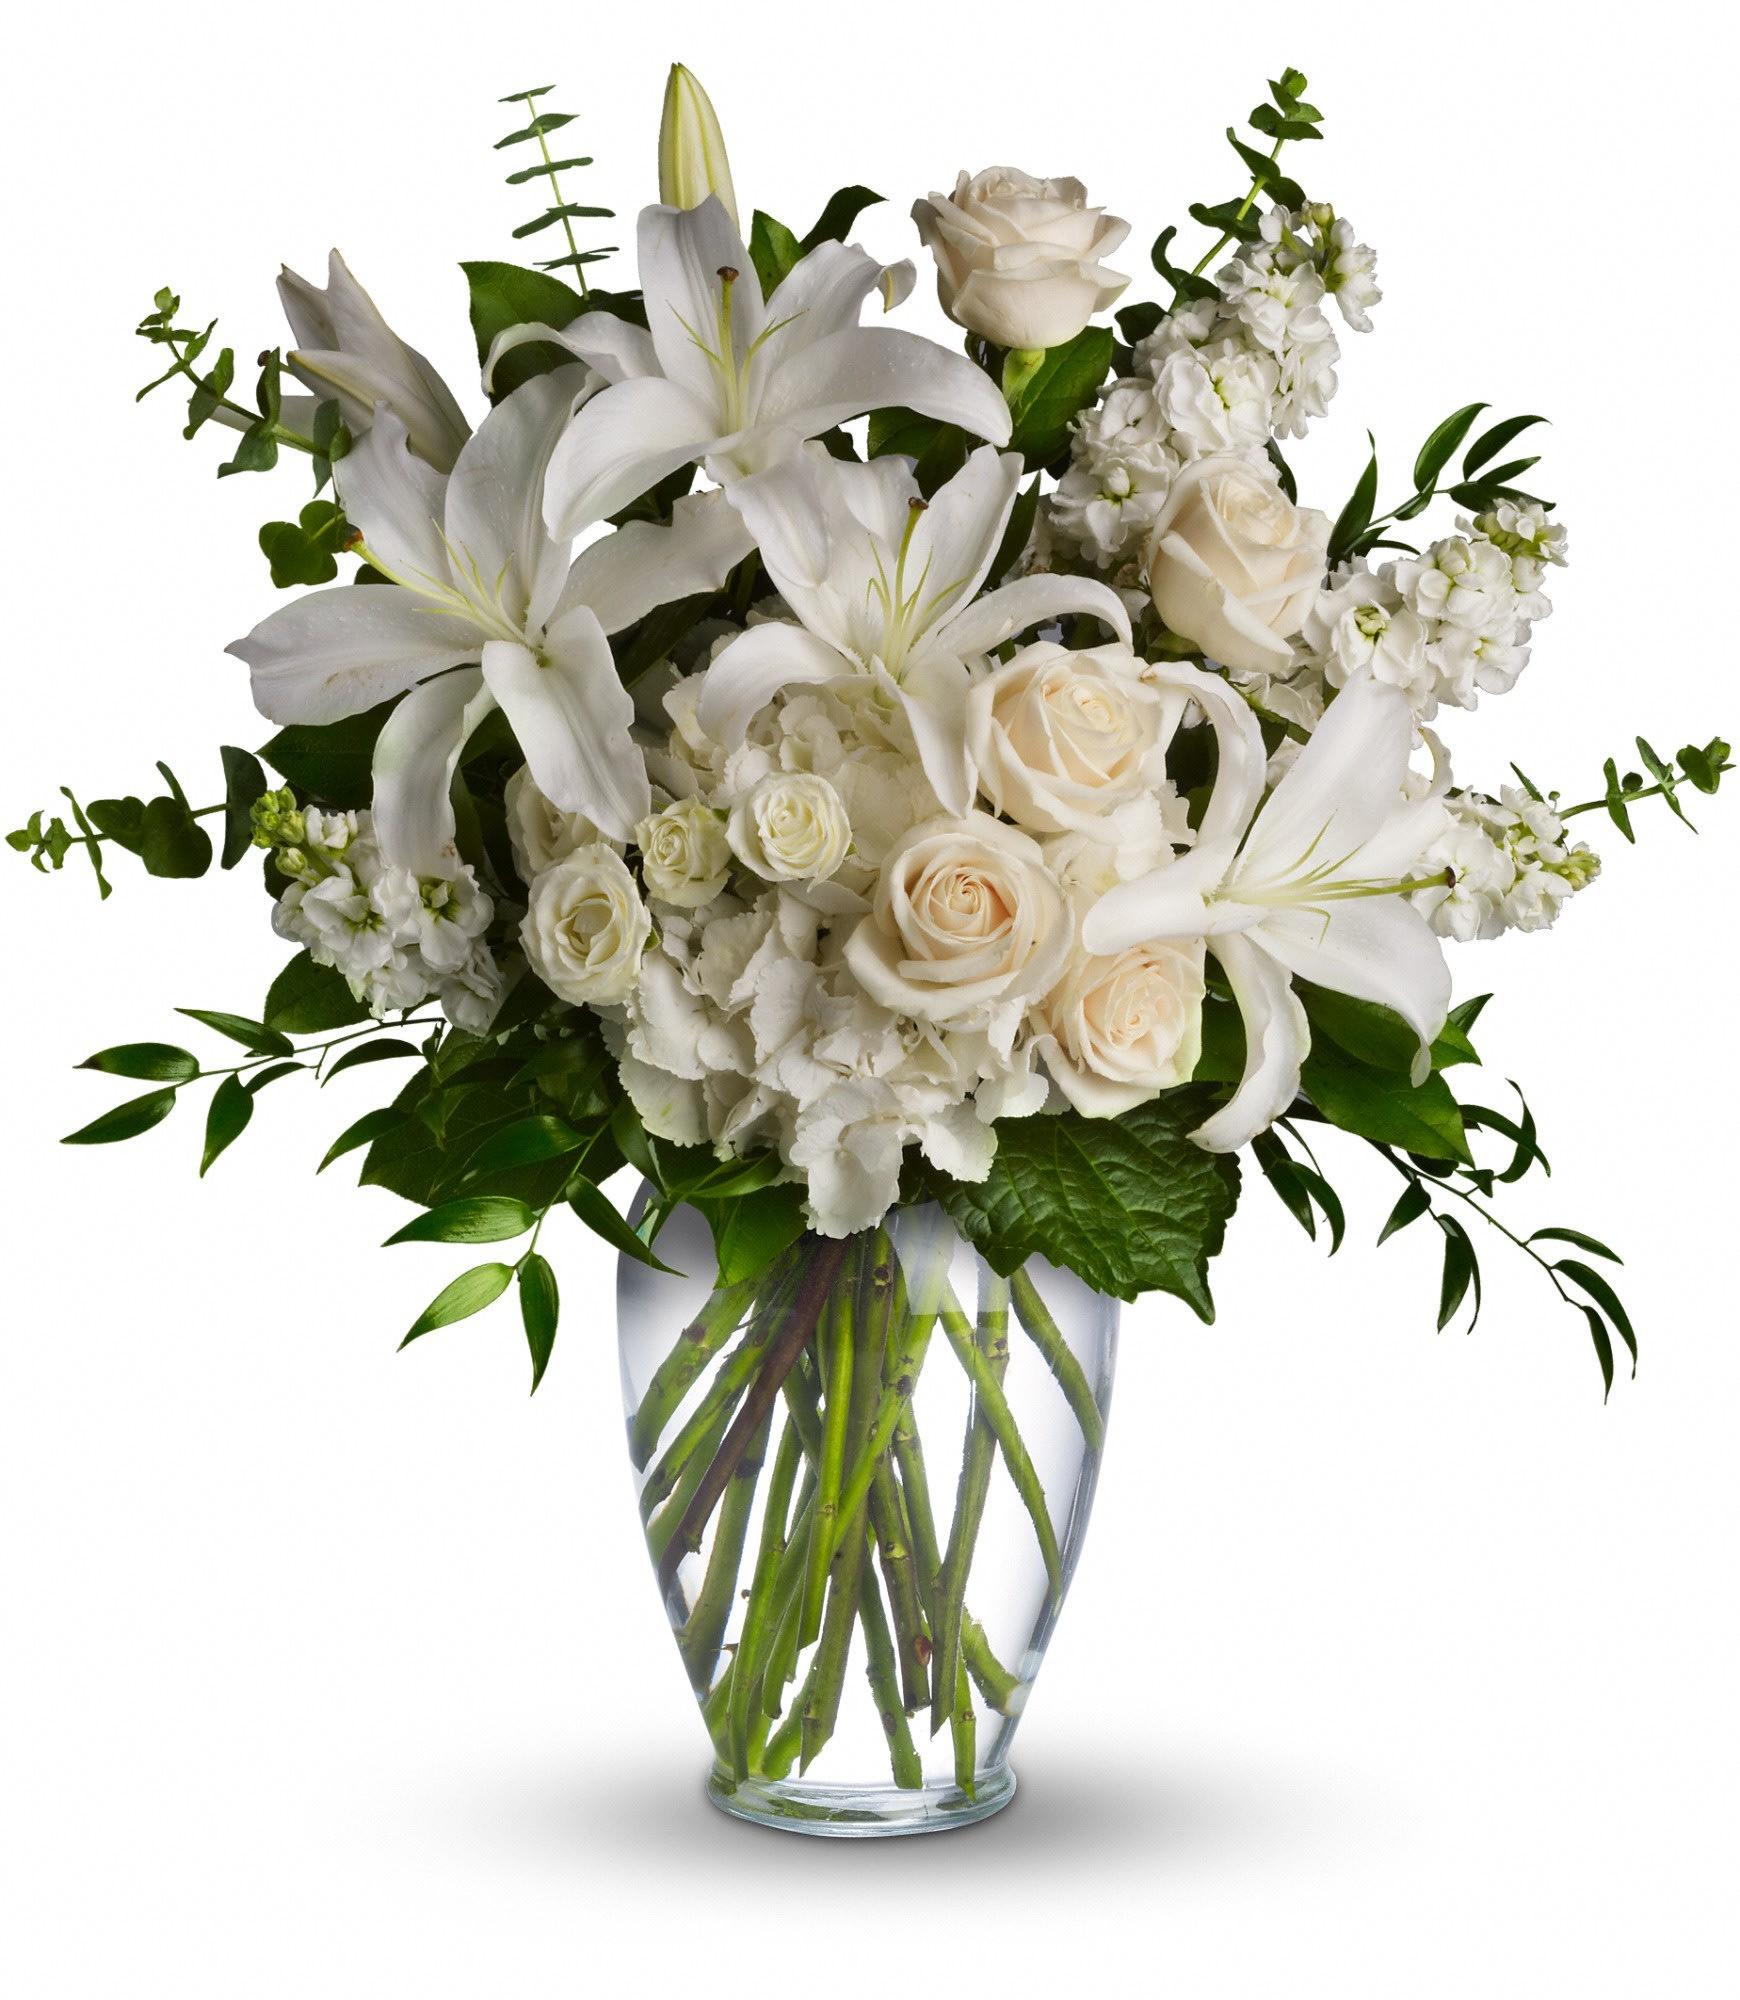 Heavenly In Nolensville Tn Lotus Flower Shop